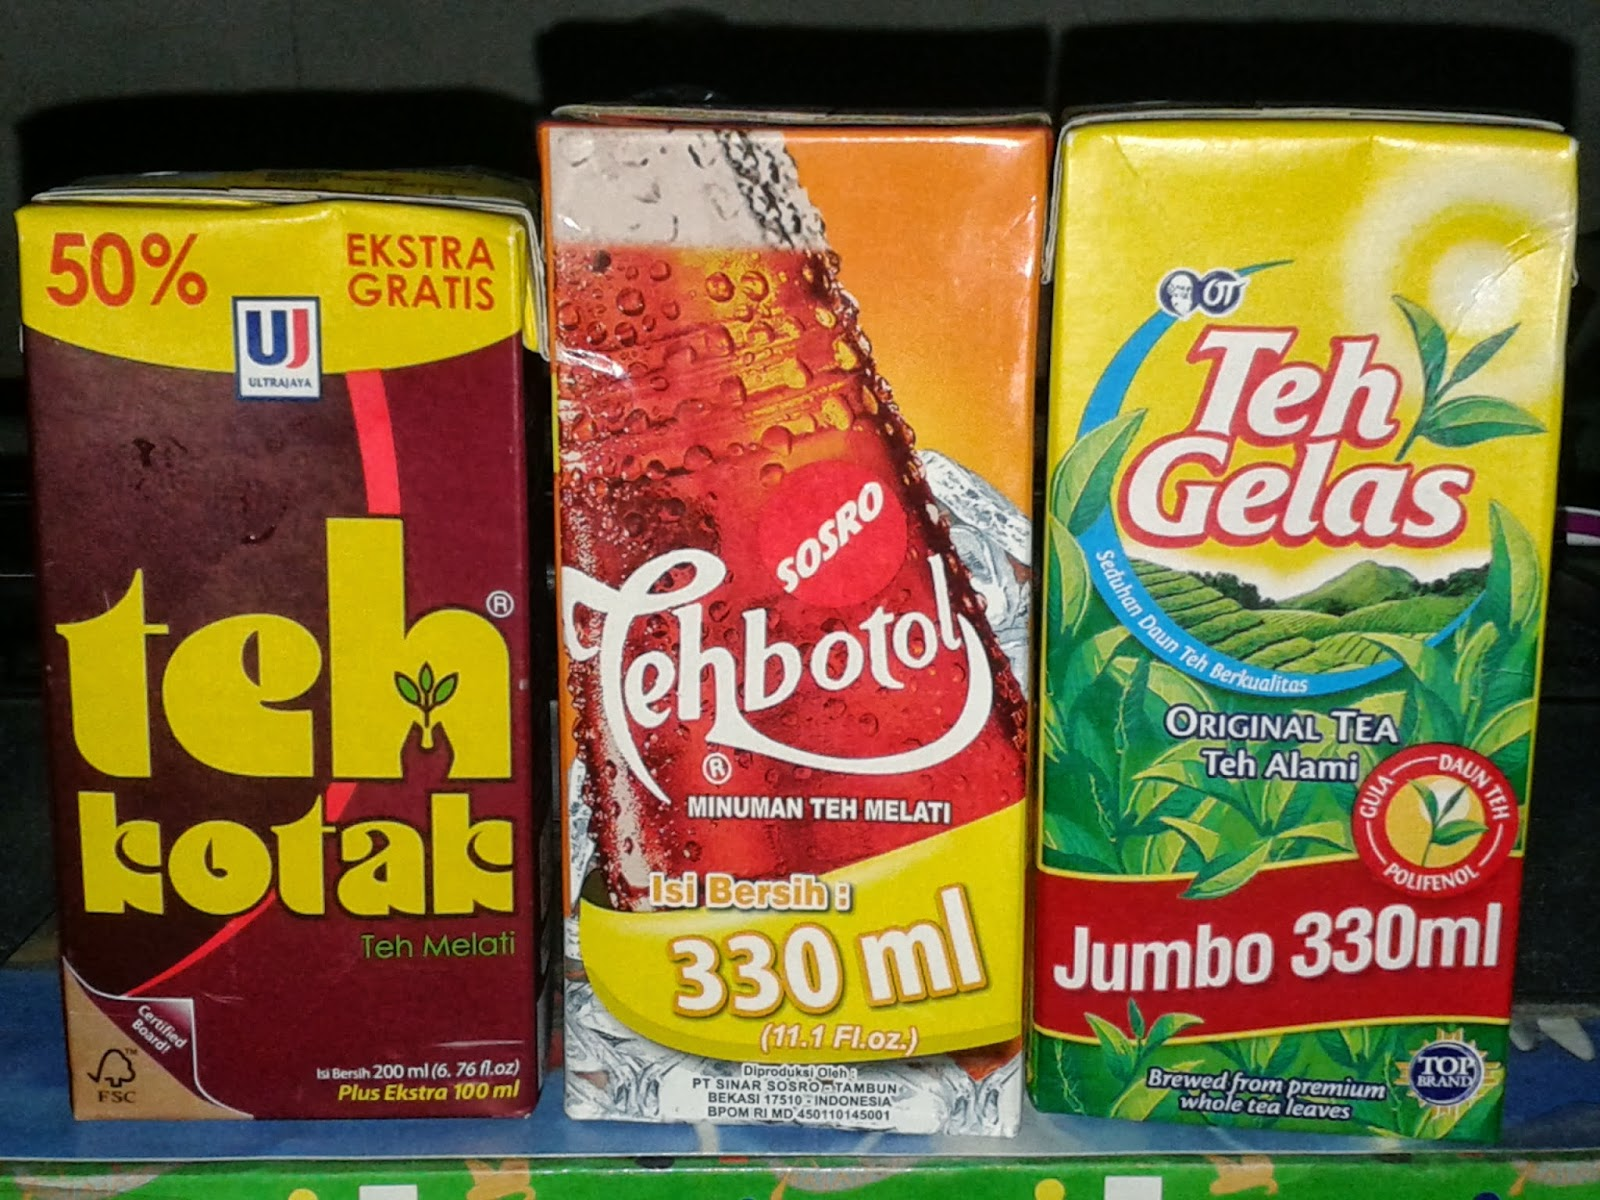 Teh Kotak 300ml Teh Botol Sosro Kotak 330ml Dan Teh